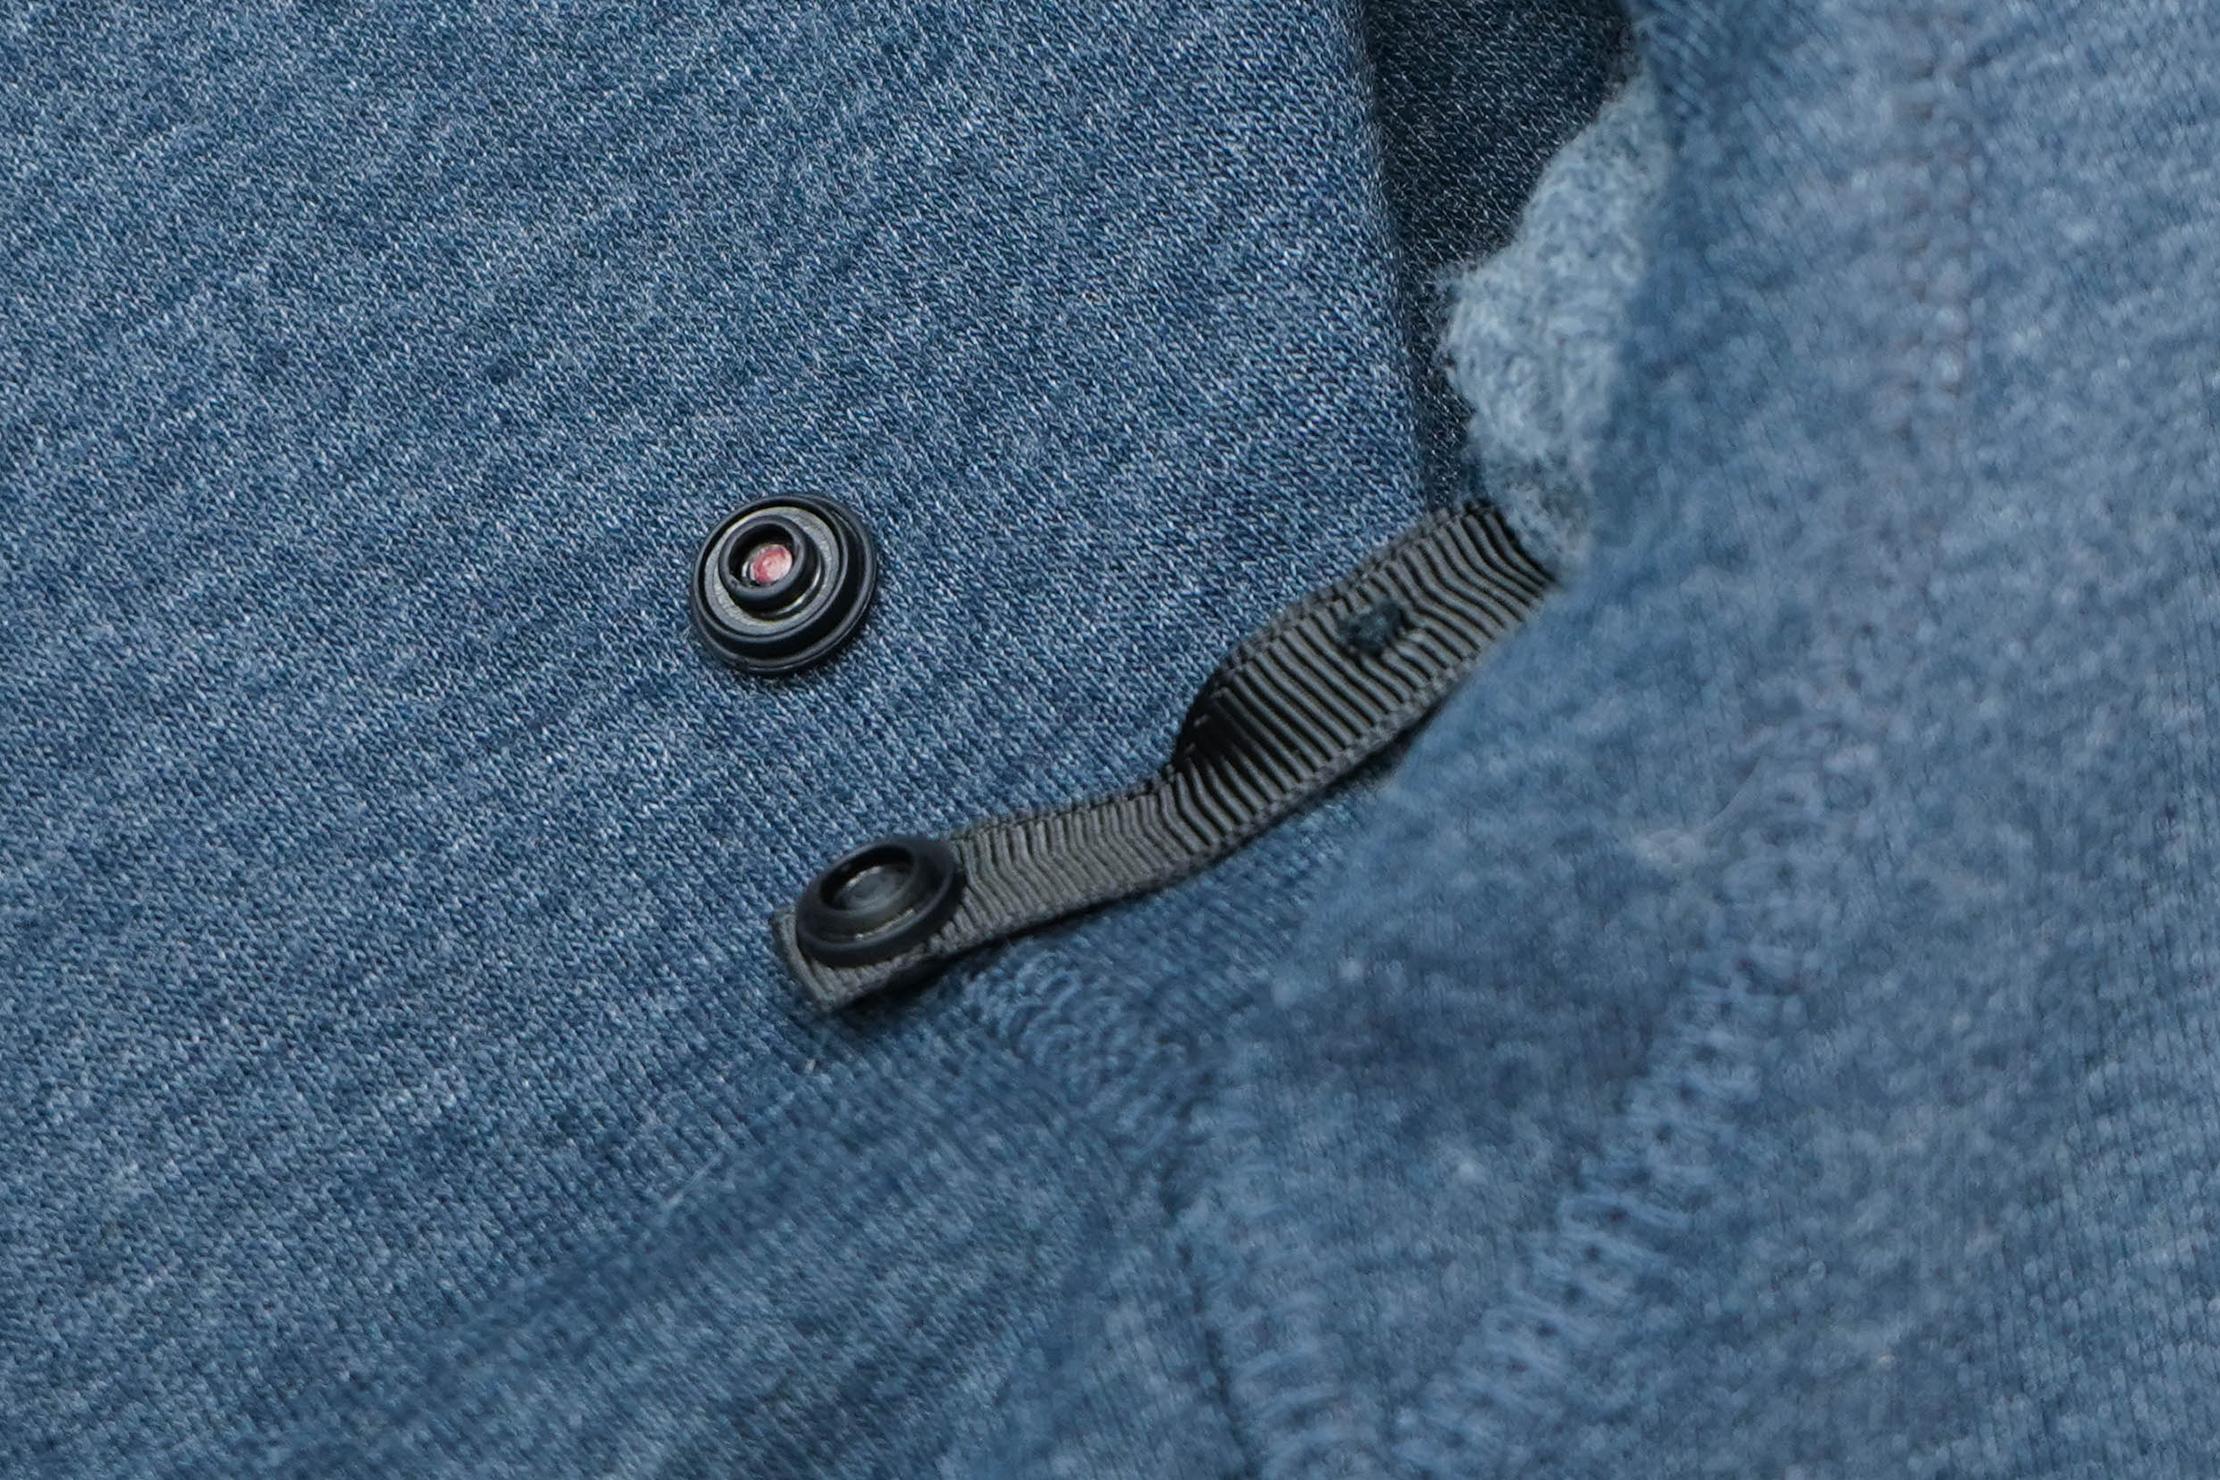 BauBax Sweatshirt 2.0 Broken Clasp